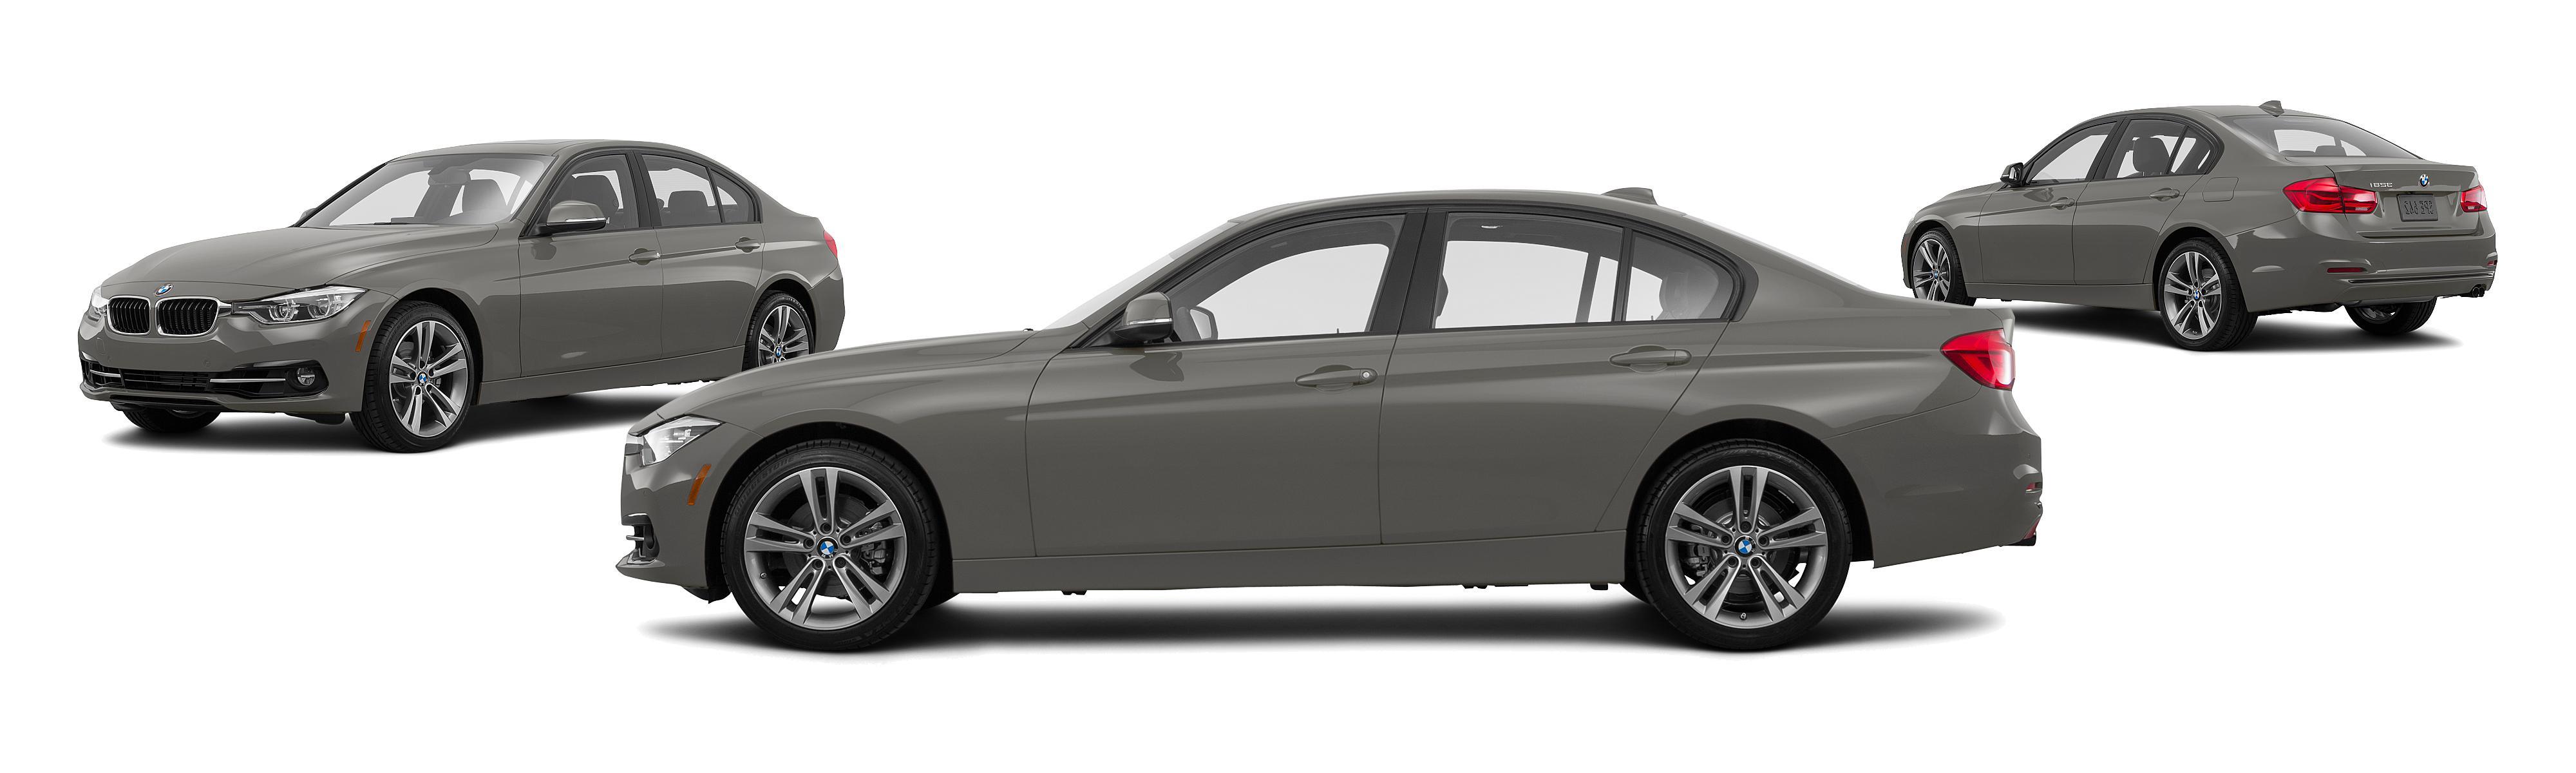 Bmw Sulev Warranty 2018 2019 New Car Reviews By